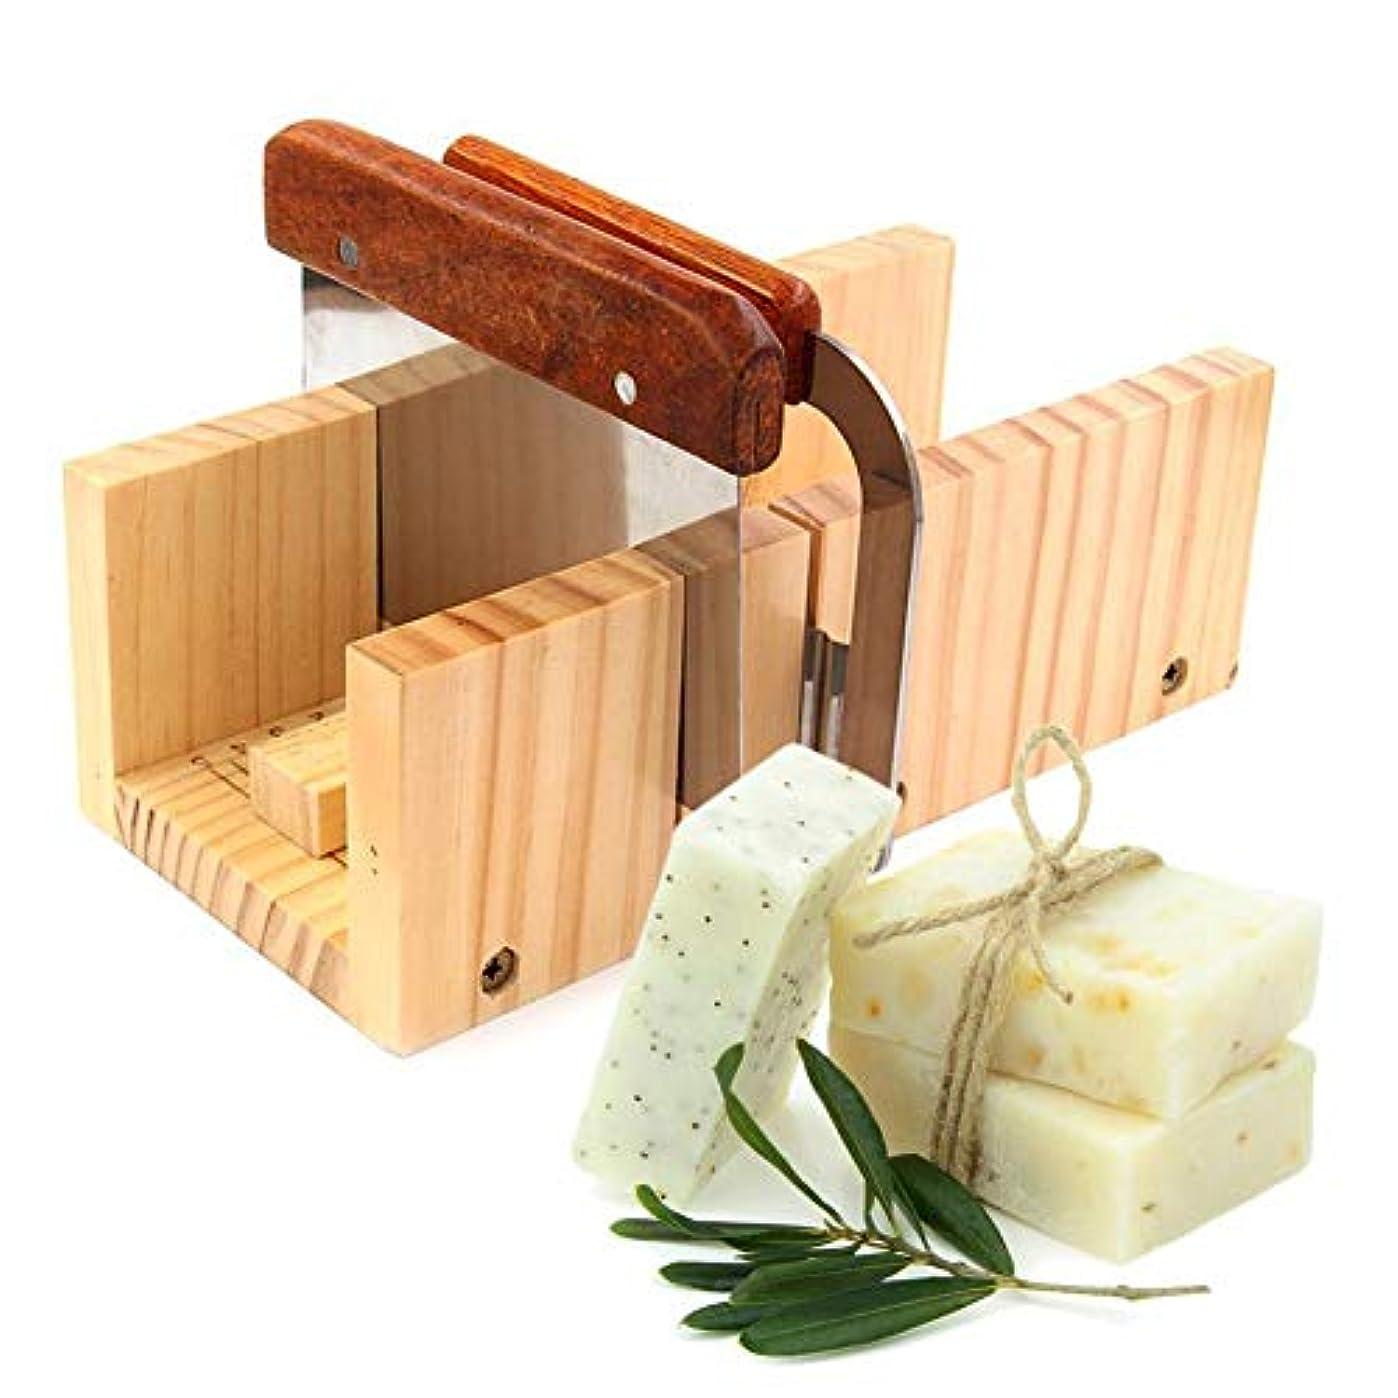 土器再発する期待Ragem ソープカッター 手作り石鹸金型 木製 ローフカッターボックス 調整可能 多機能ソープ切削工具 ストレートプレーニングツール